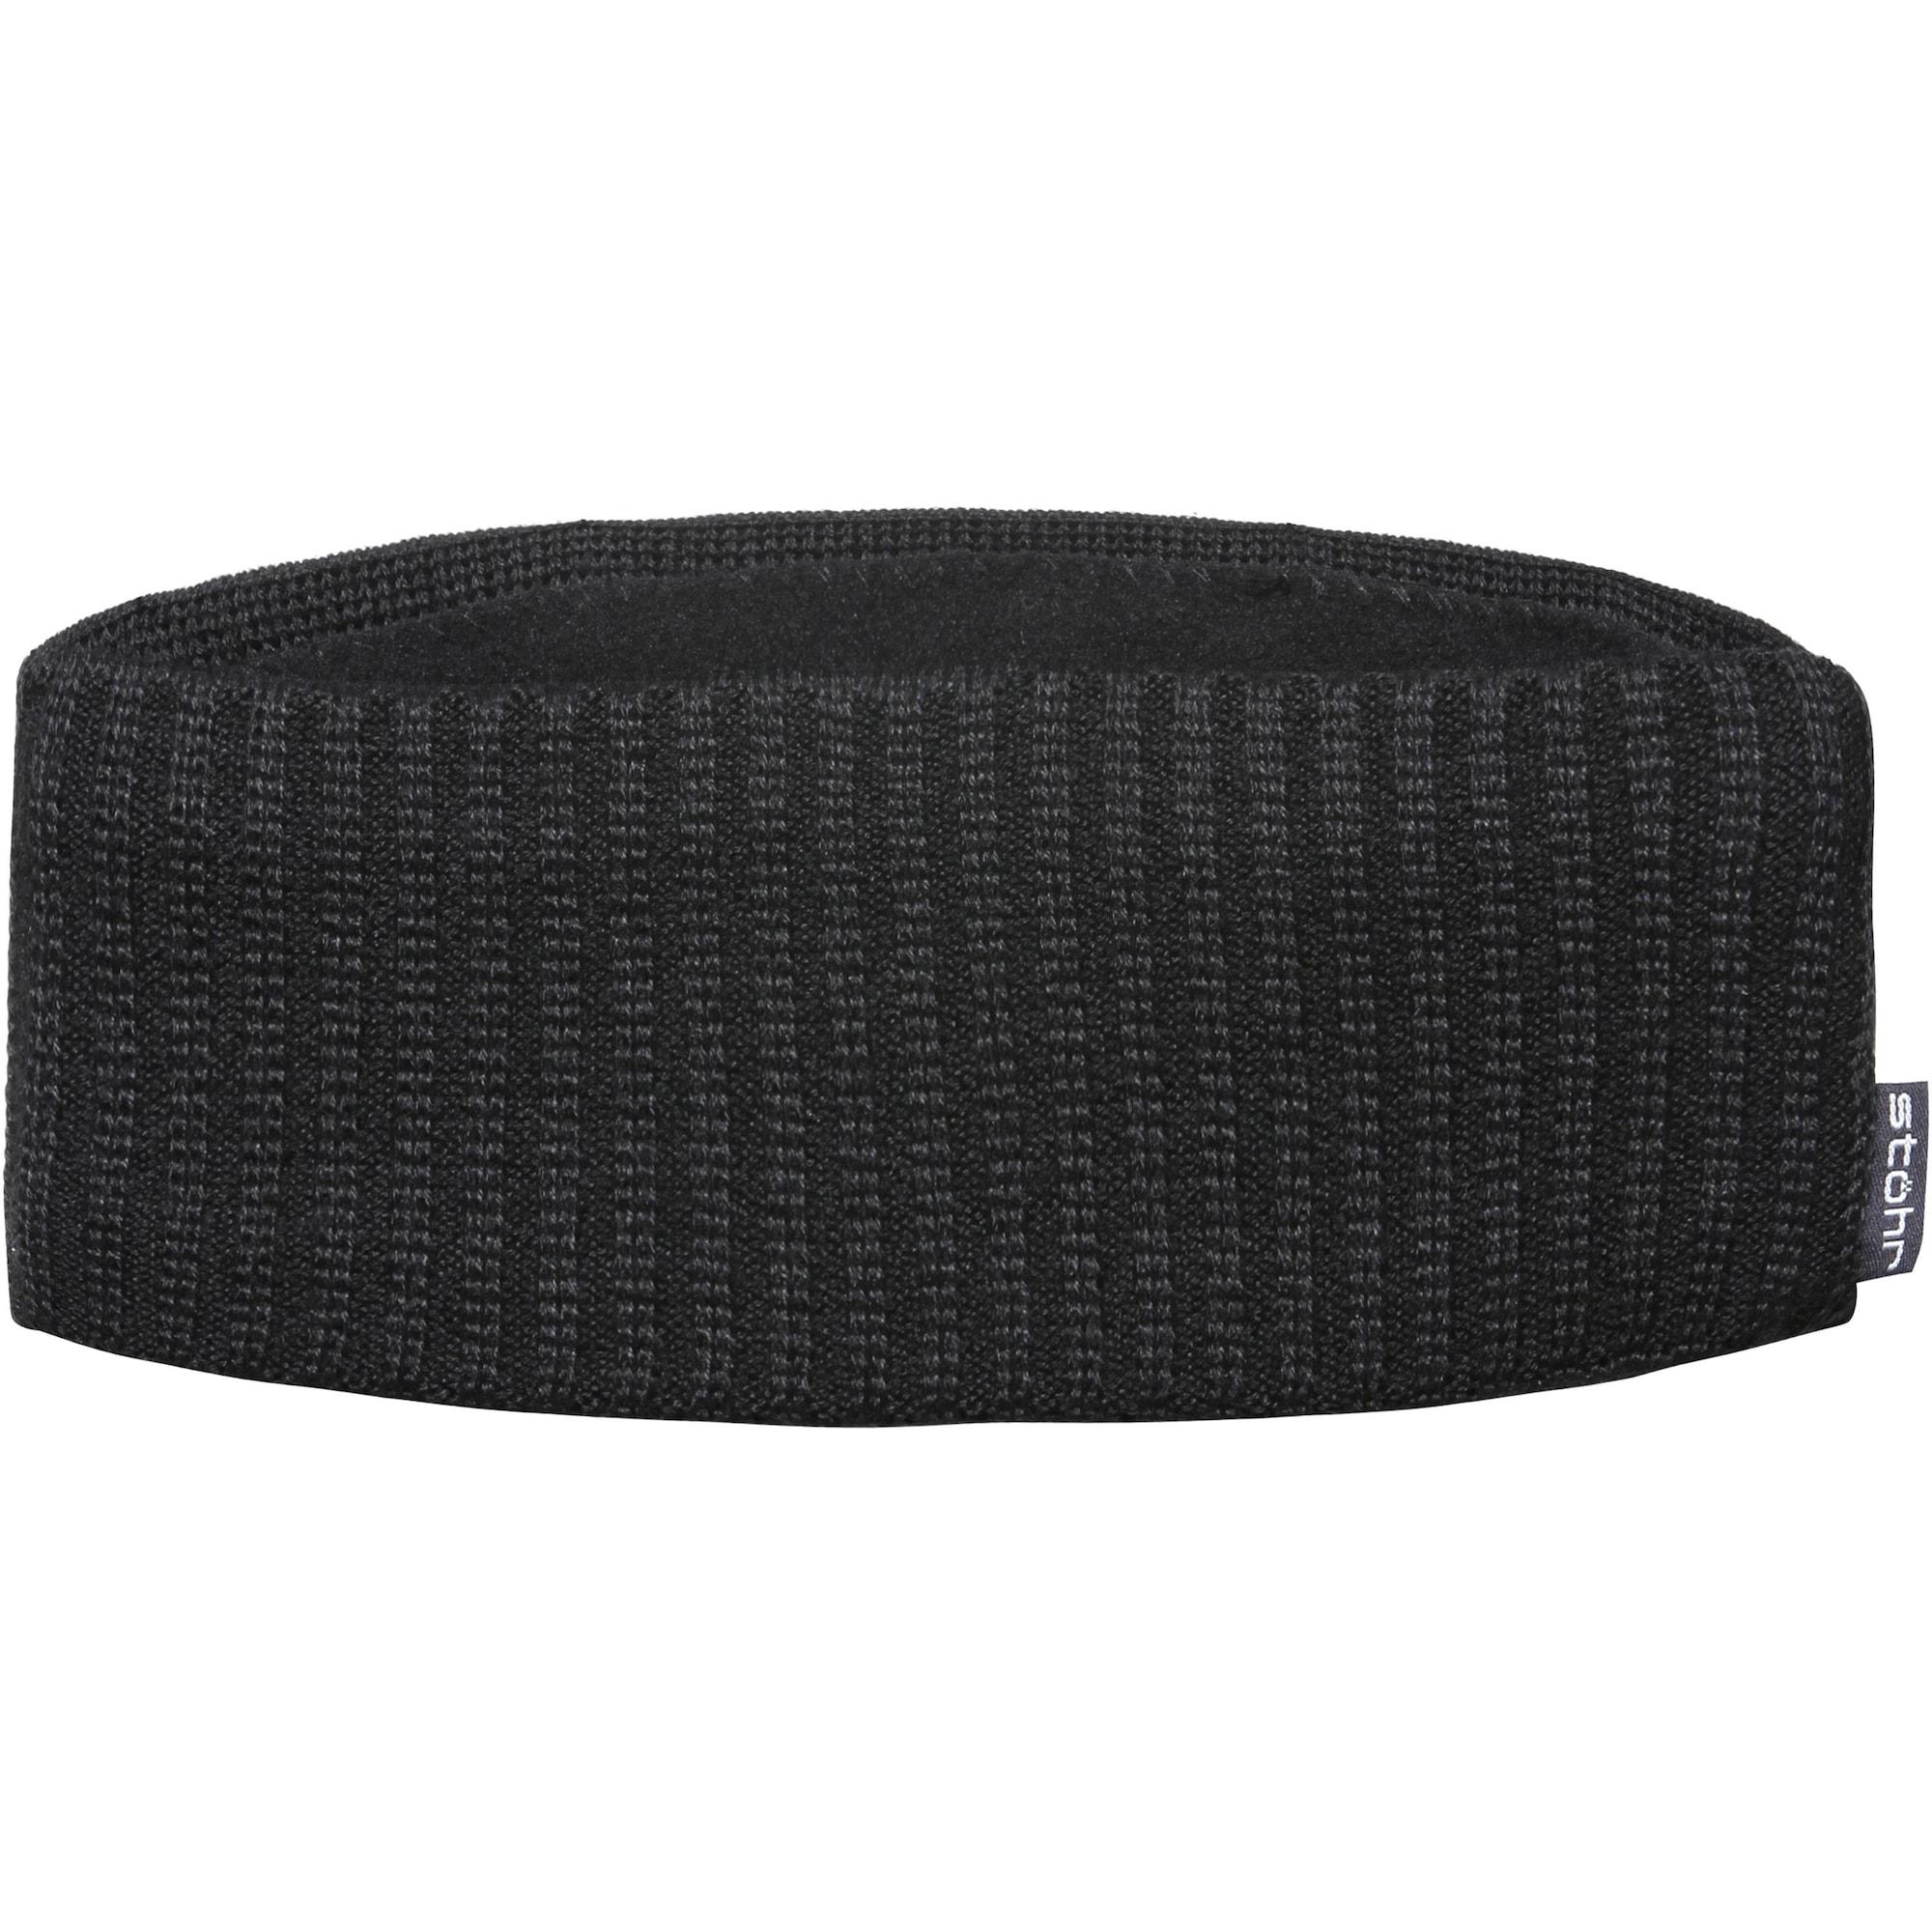 Stirnband 'Smal' | Accessoires > Mützen | STÖHR